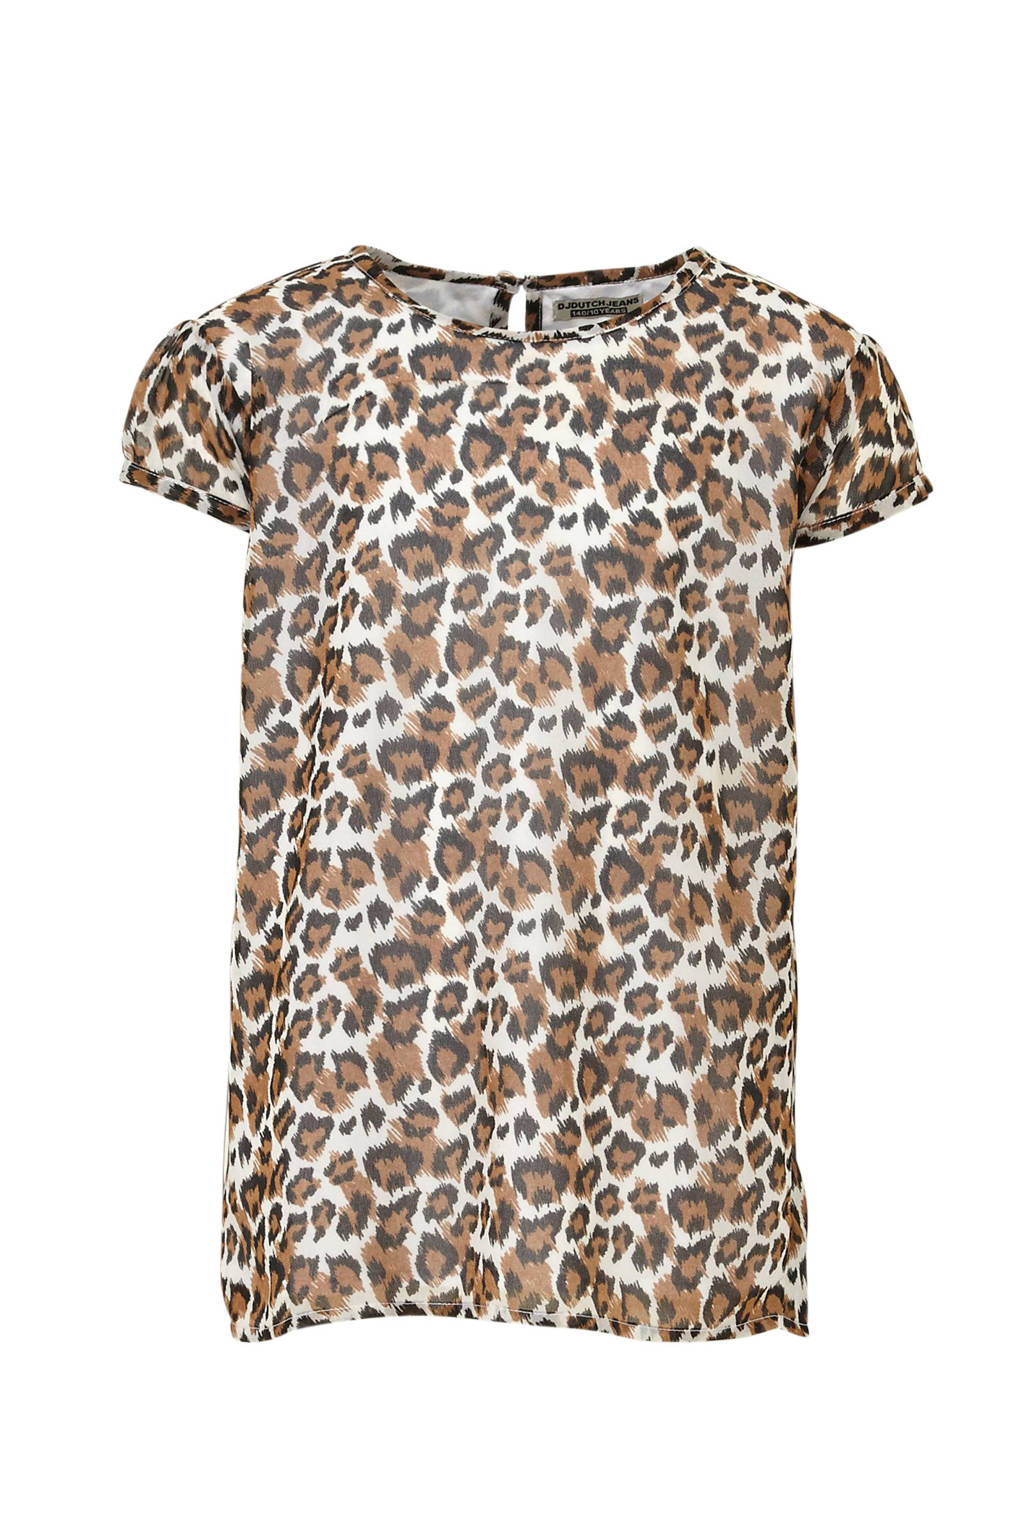 DJ Dutchjeans T-shirt met dierenprint bruin/wit/zwart, Bruin/wit/zwart